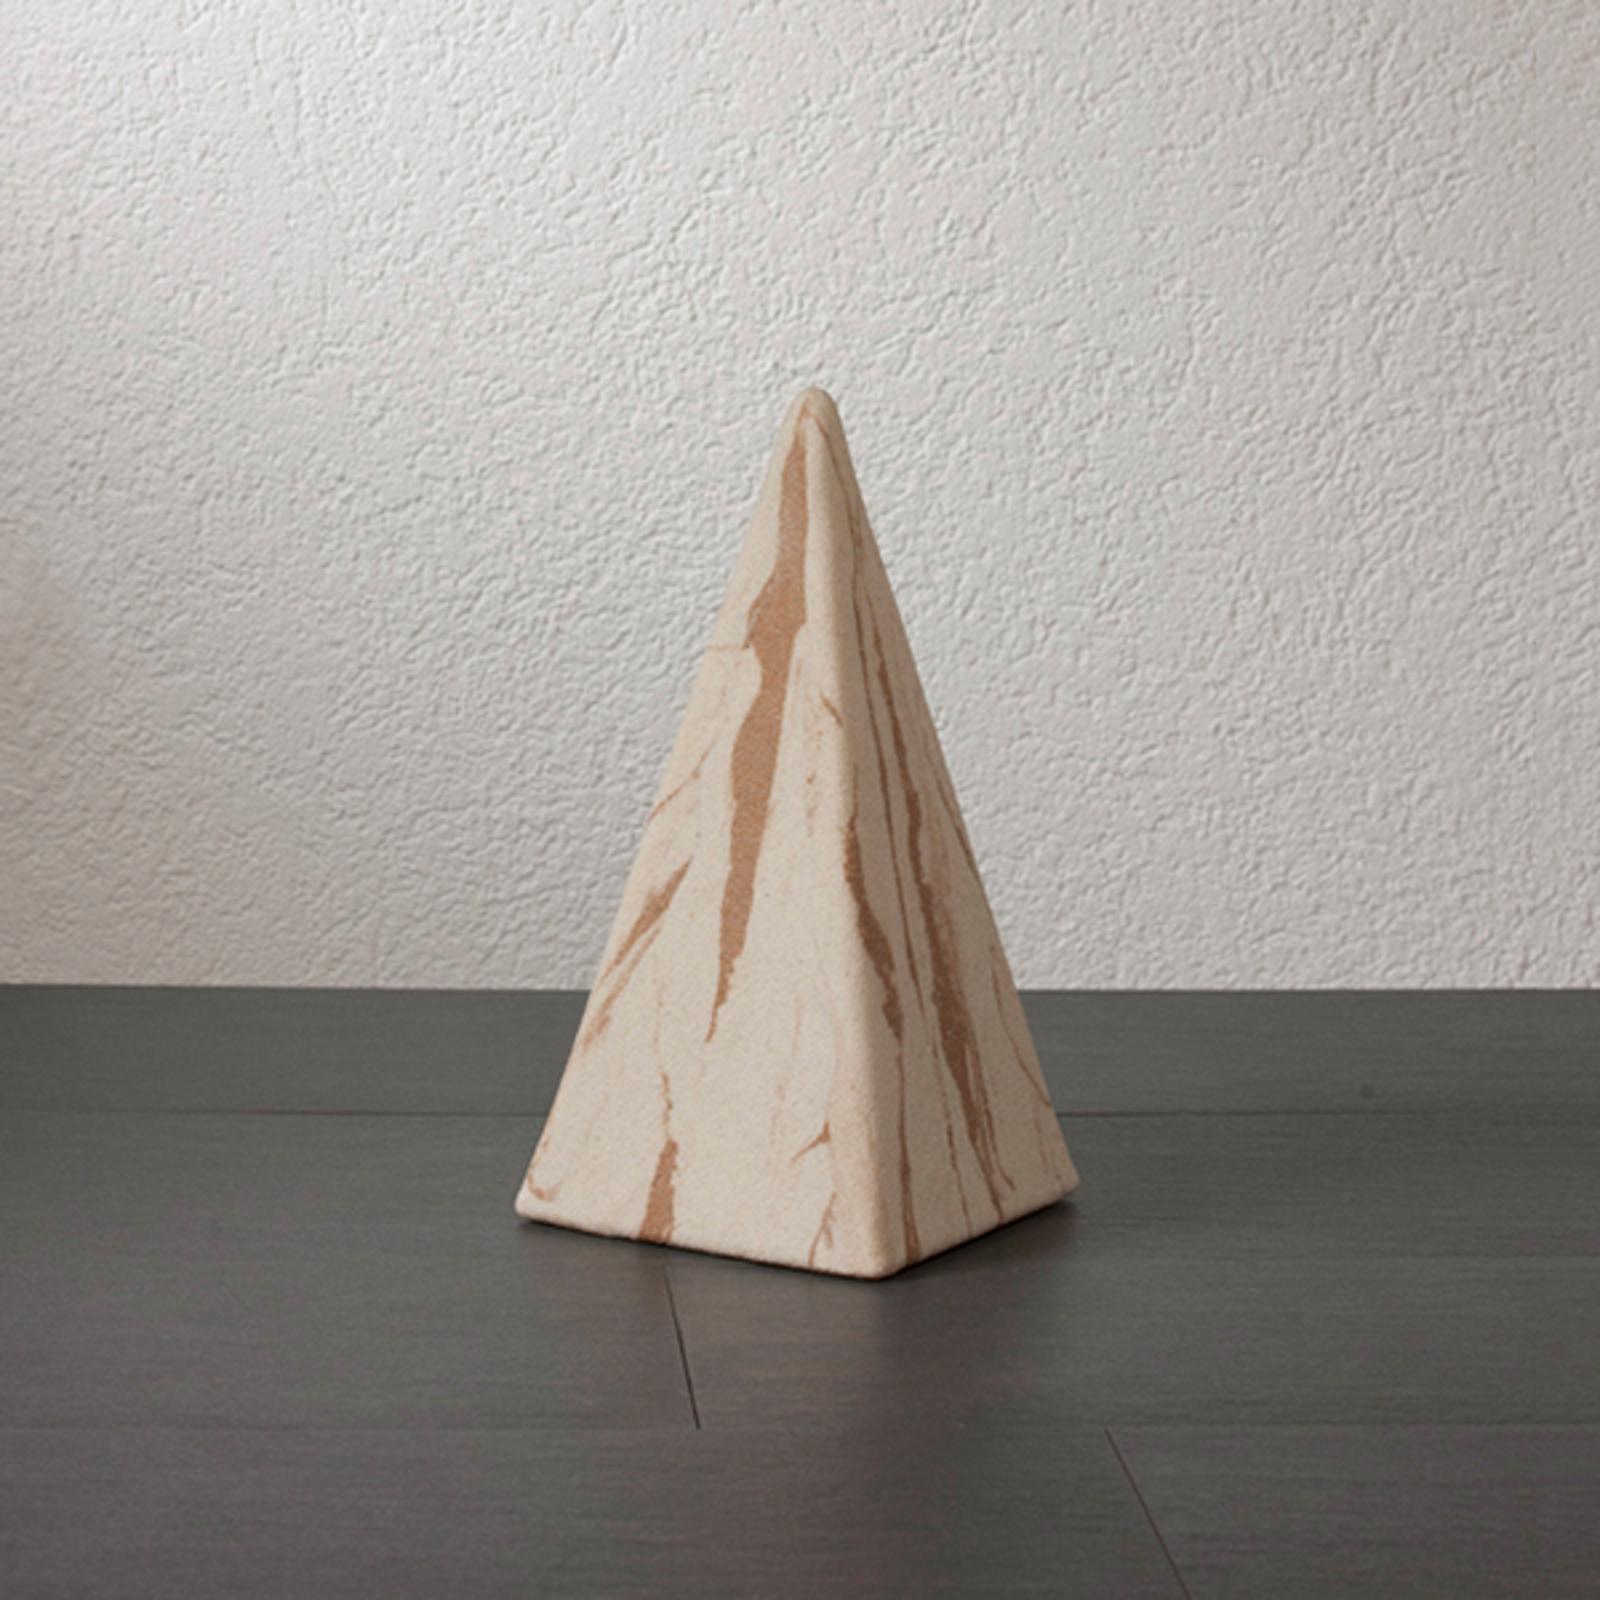 Pyramída Sahara s gumovým pripojením_3050080_1